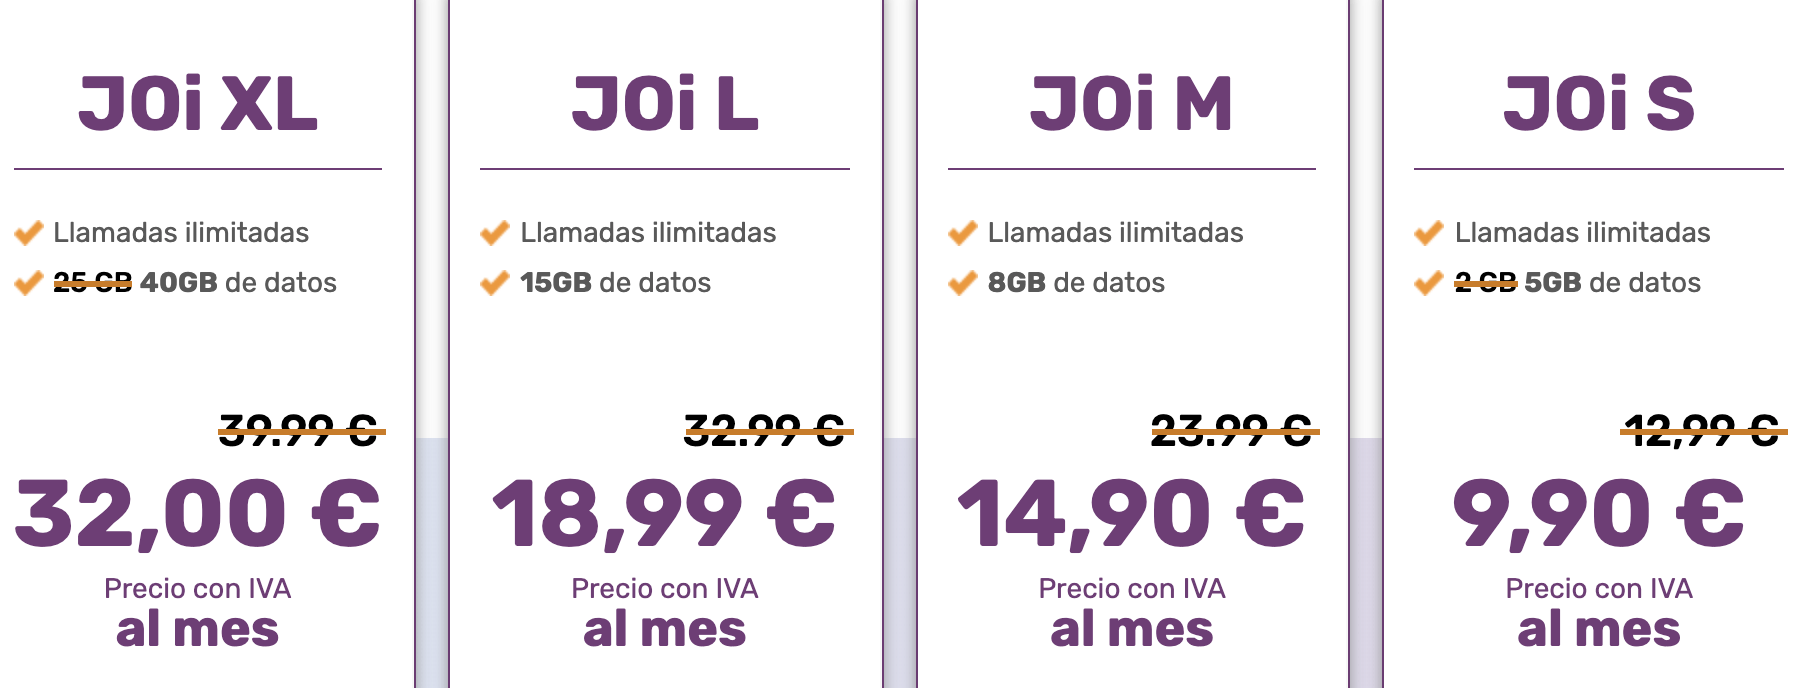 Tarifas JoiMobile españa